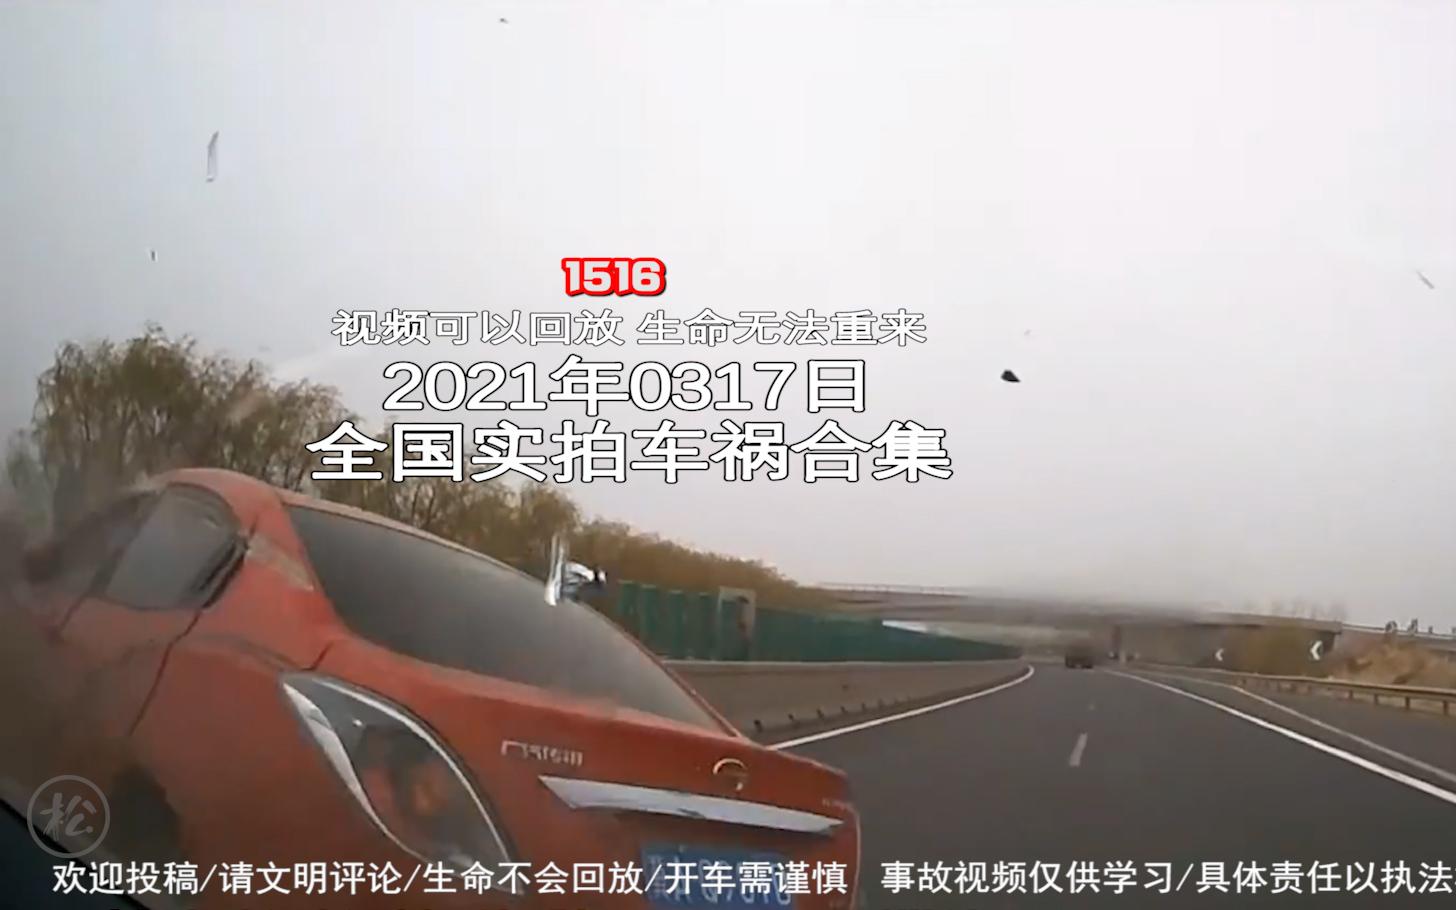 1516期:发生事故后司机下车协商未撤离,发生二次事故,受伤严重【20210317全国车祸合集】